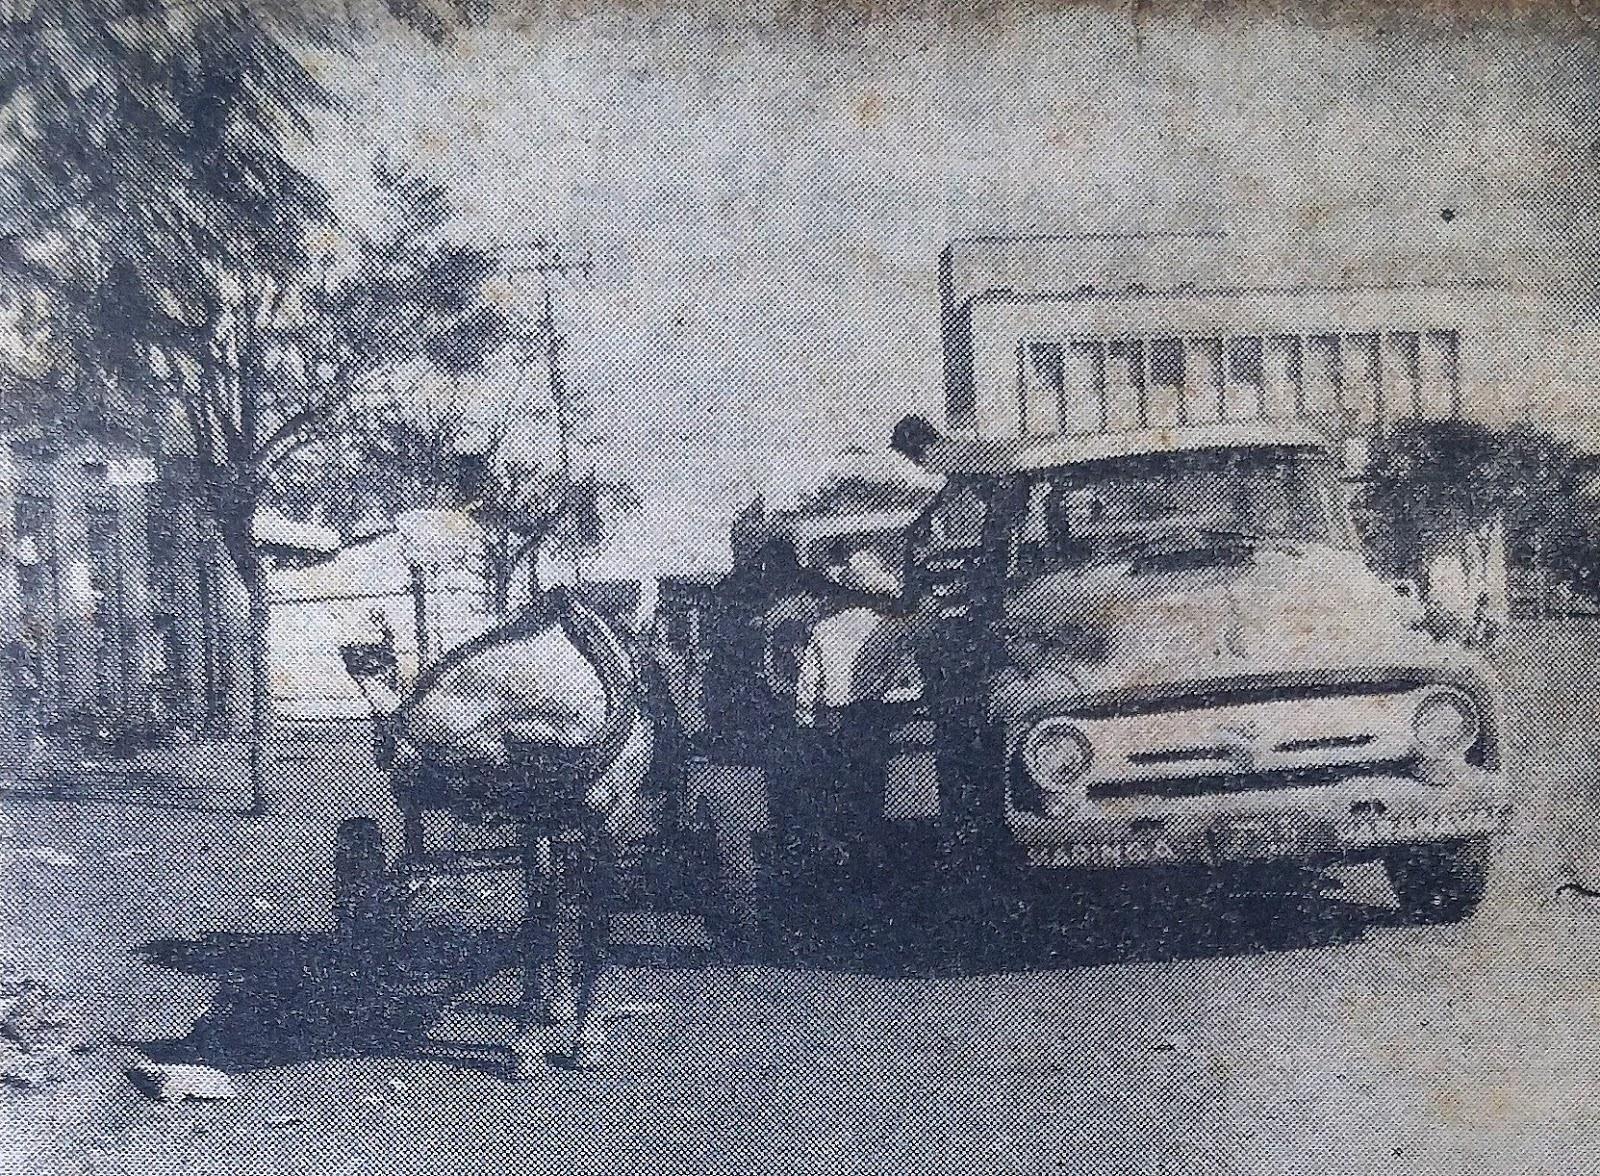 O lado mau da cidade - Leis de trânsito - 1960